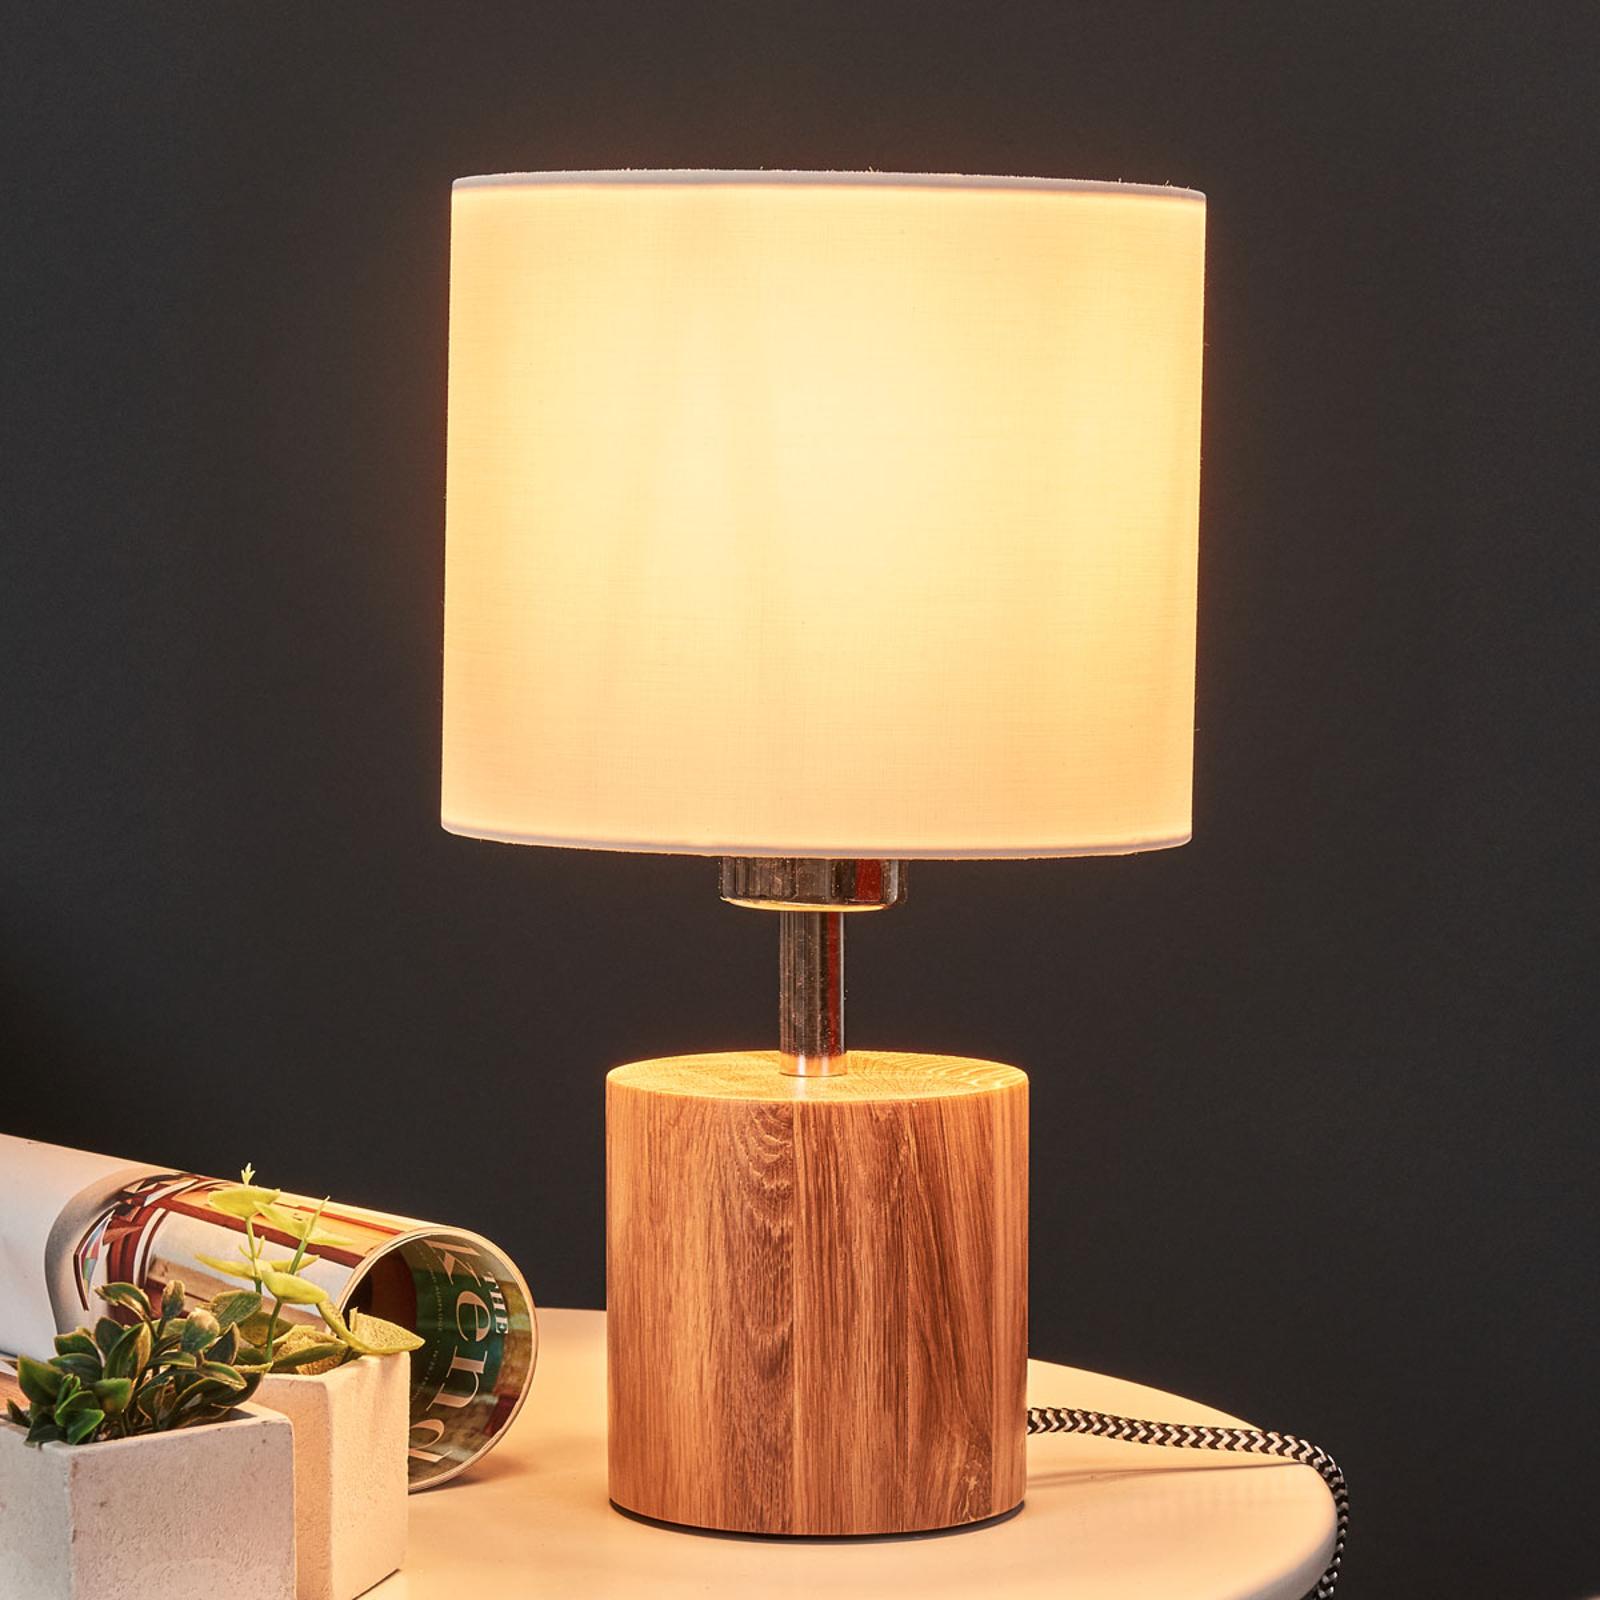 Lampa stołowa Trongo, drewno, czarno-biały kabel